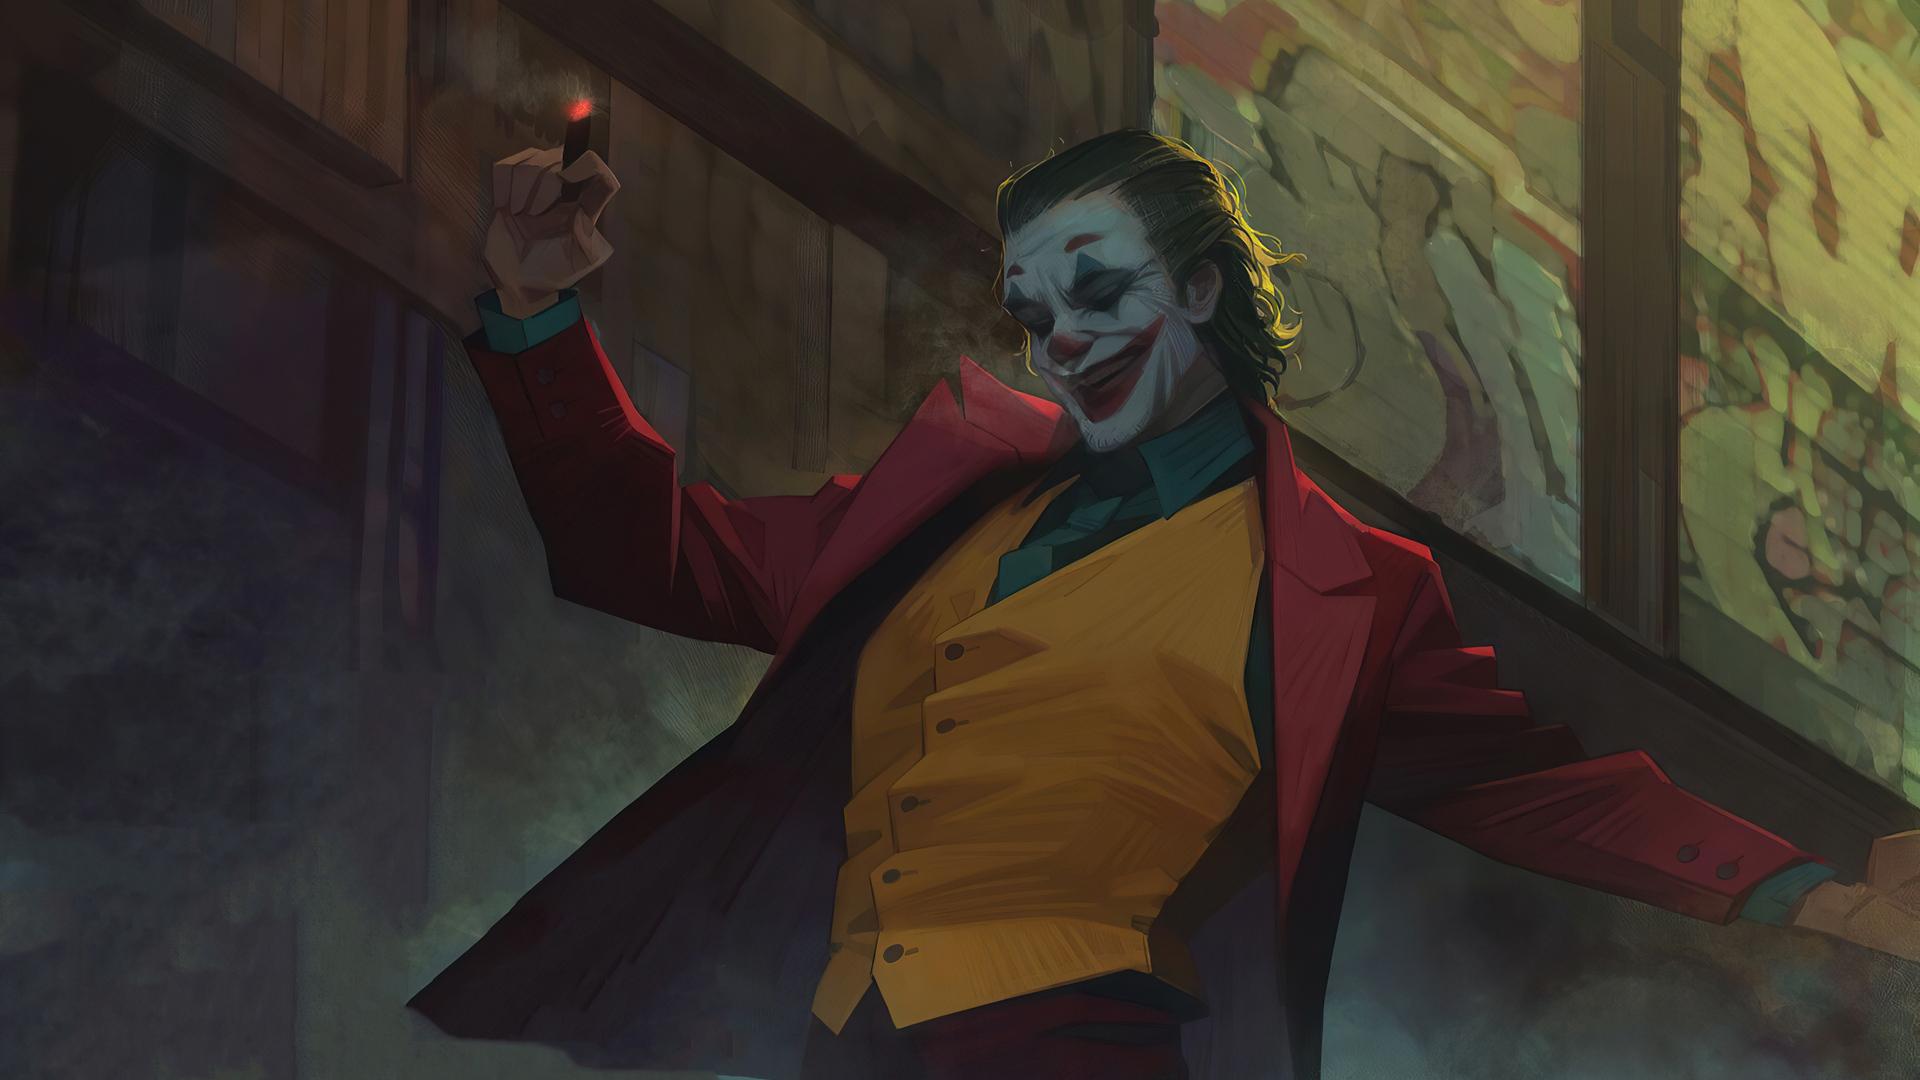 Joker HD Stairs Dance Wallpaper